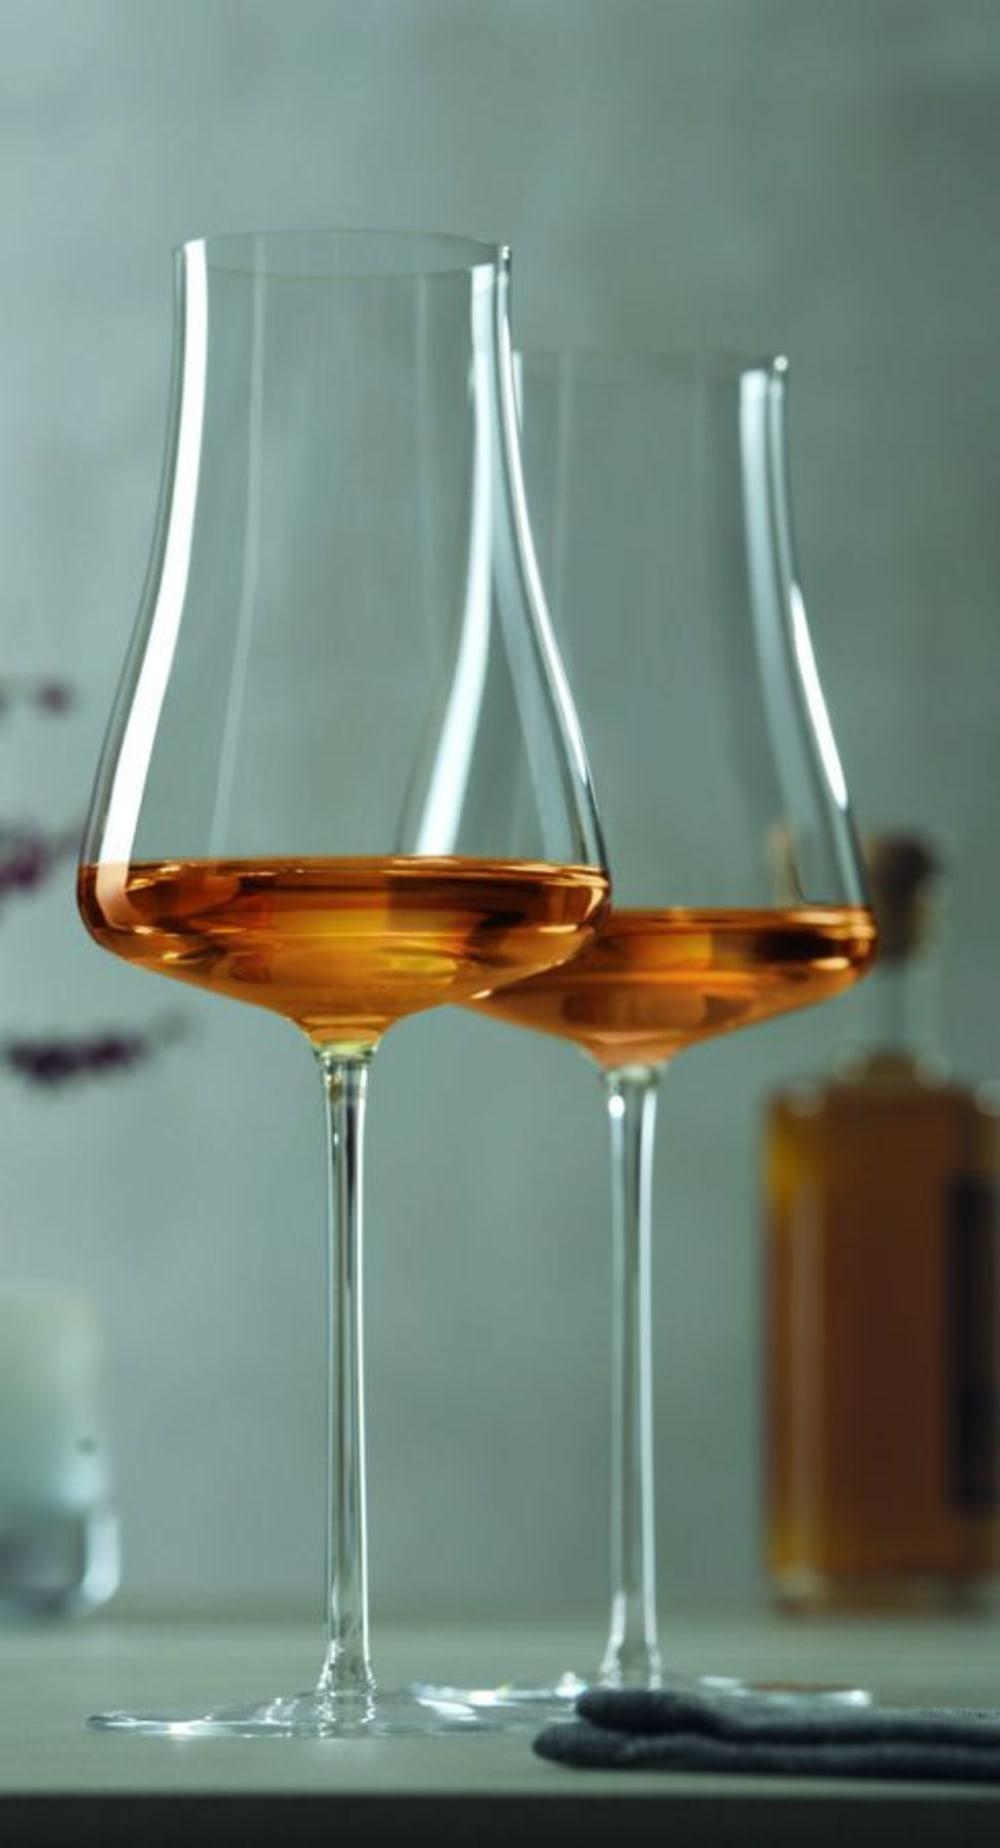 WINE CLASSICS Kieliszek do wina 819 ml